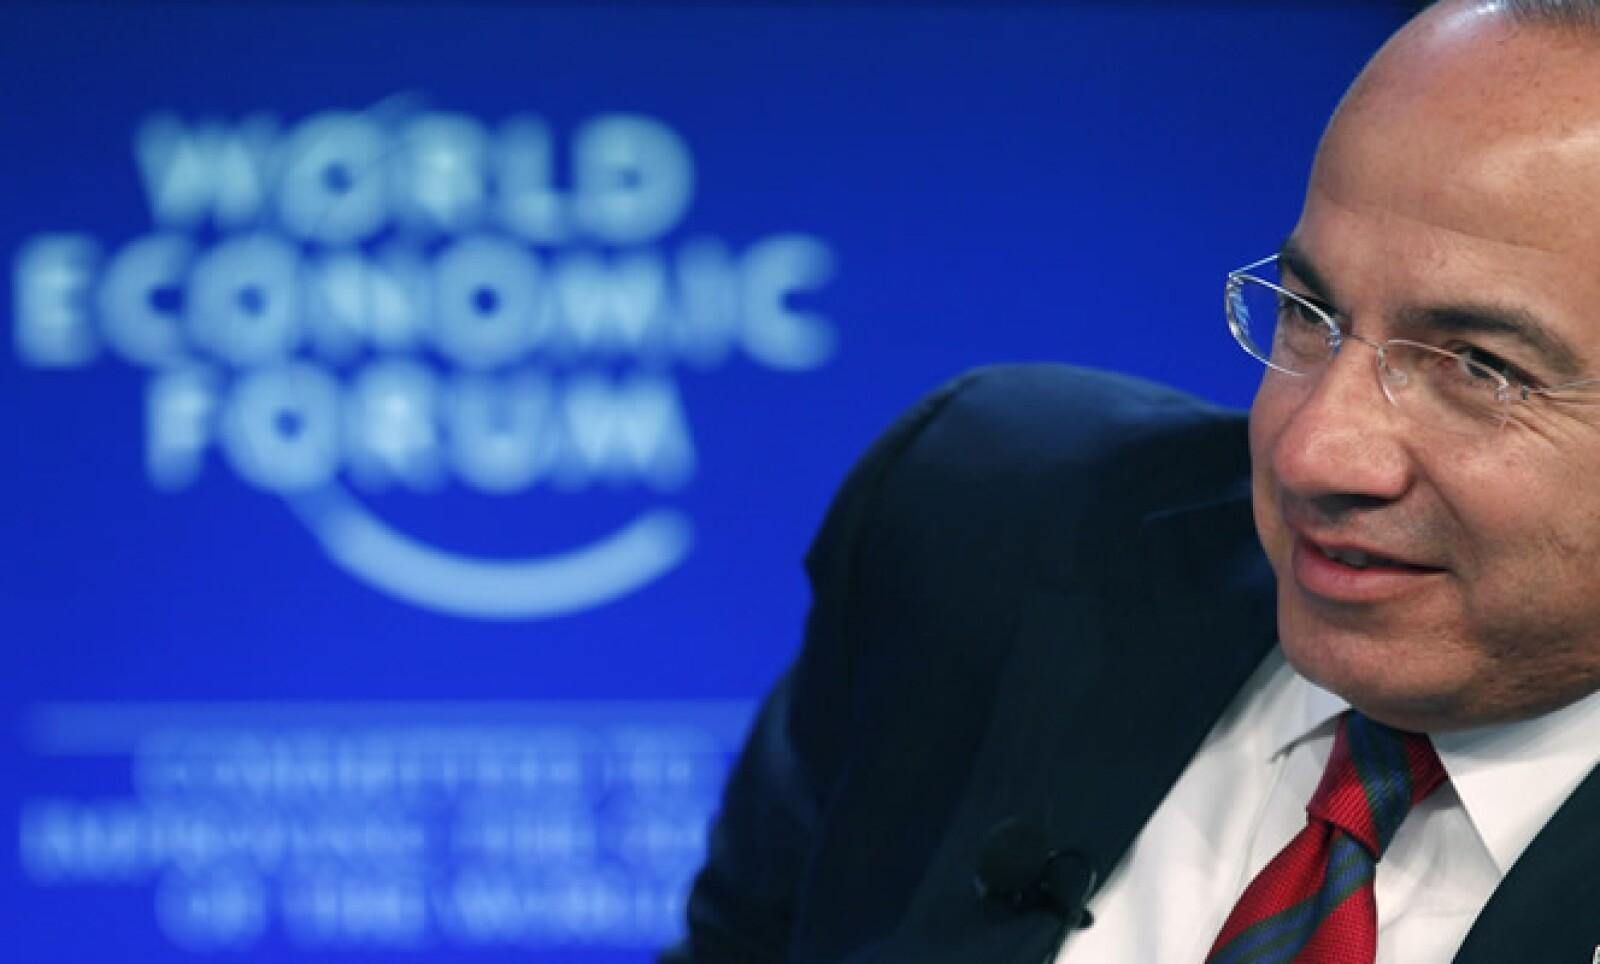 El presidente de México, Felipe Calderón, instó a Estados Unidos a reducir sus emisiones de carbono, en un intento por impulsar su agenda sobre el Cambio Climático.